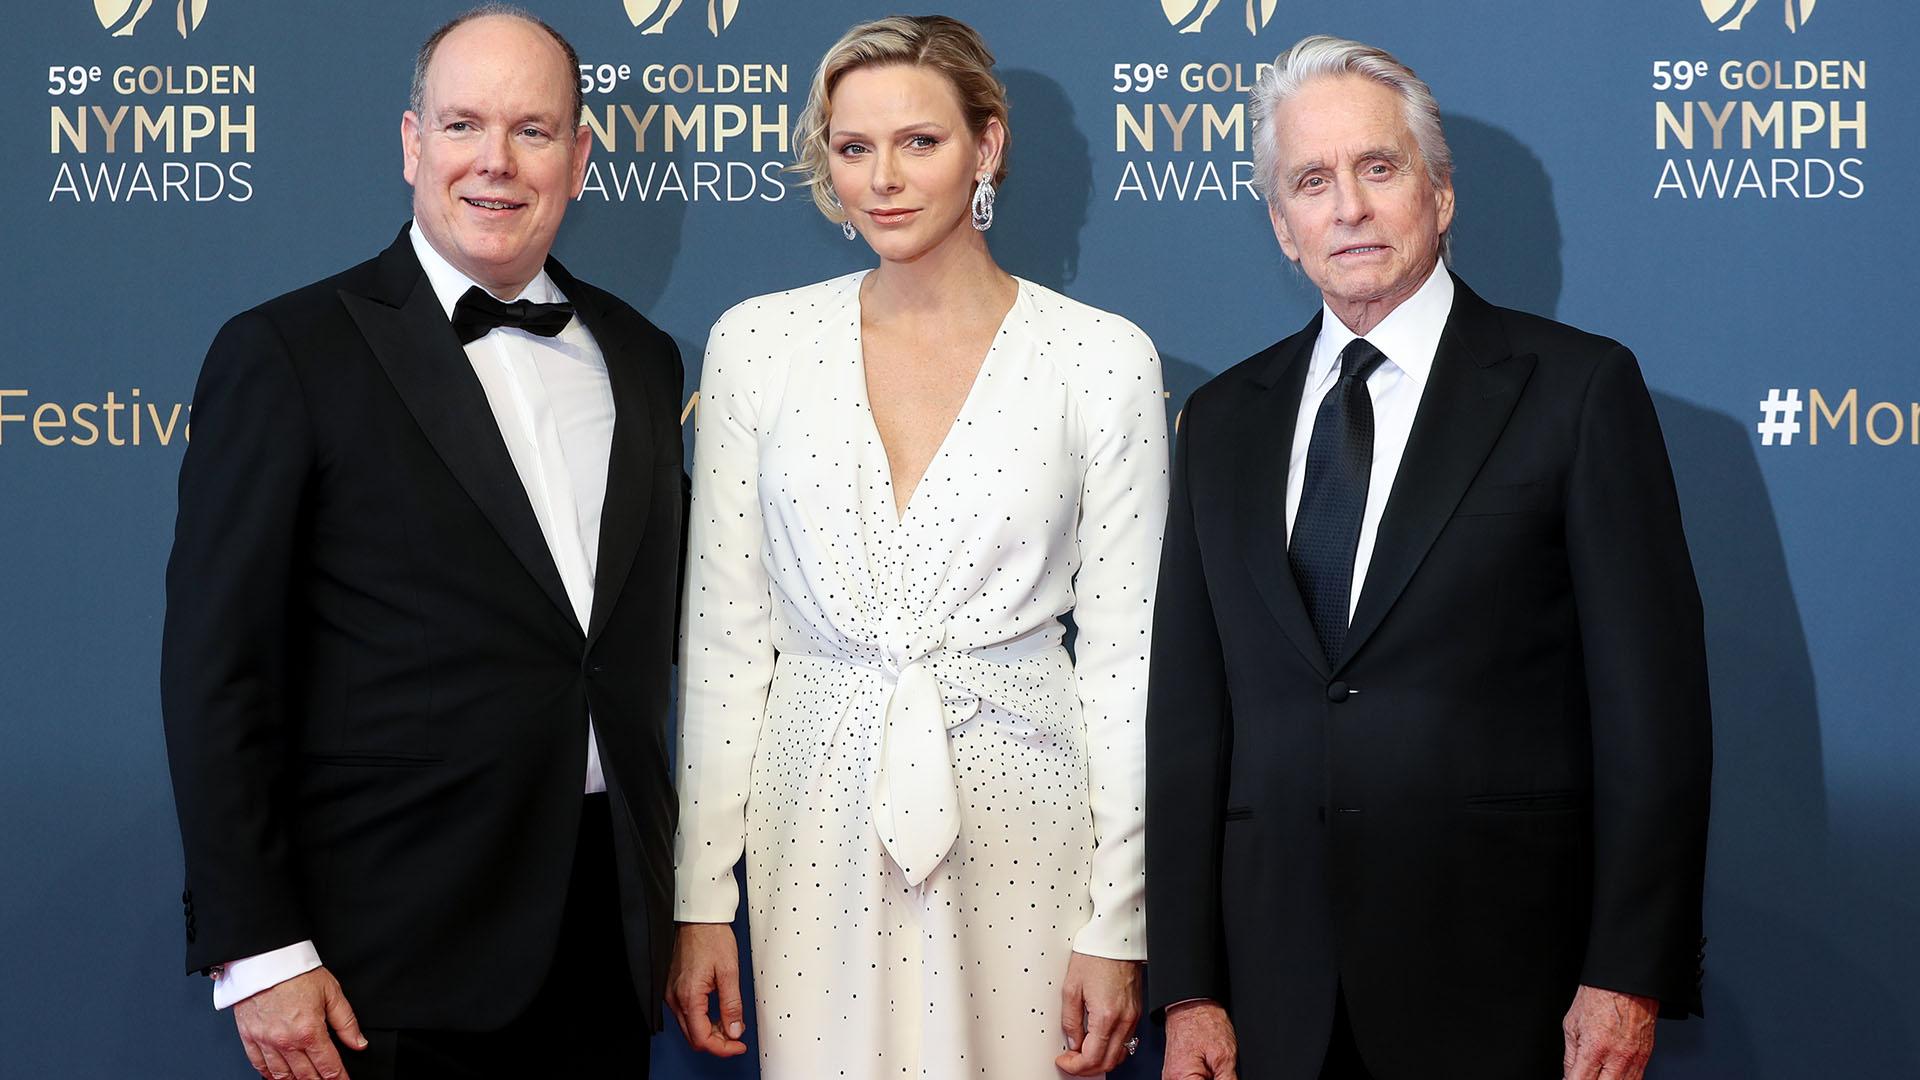 El Soberano y su mujer posan junto a Michael Douglas, quien ganó un premio Golden Nymph por su carrera